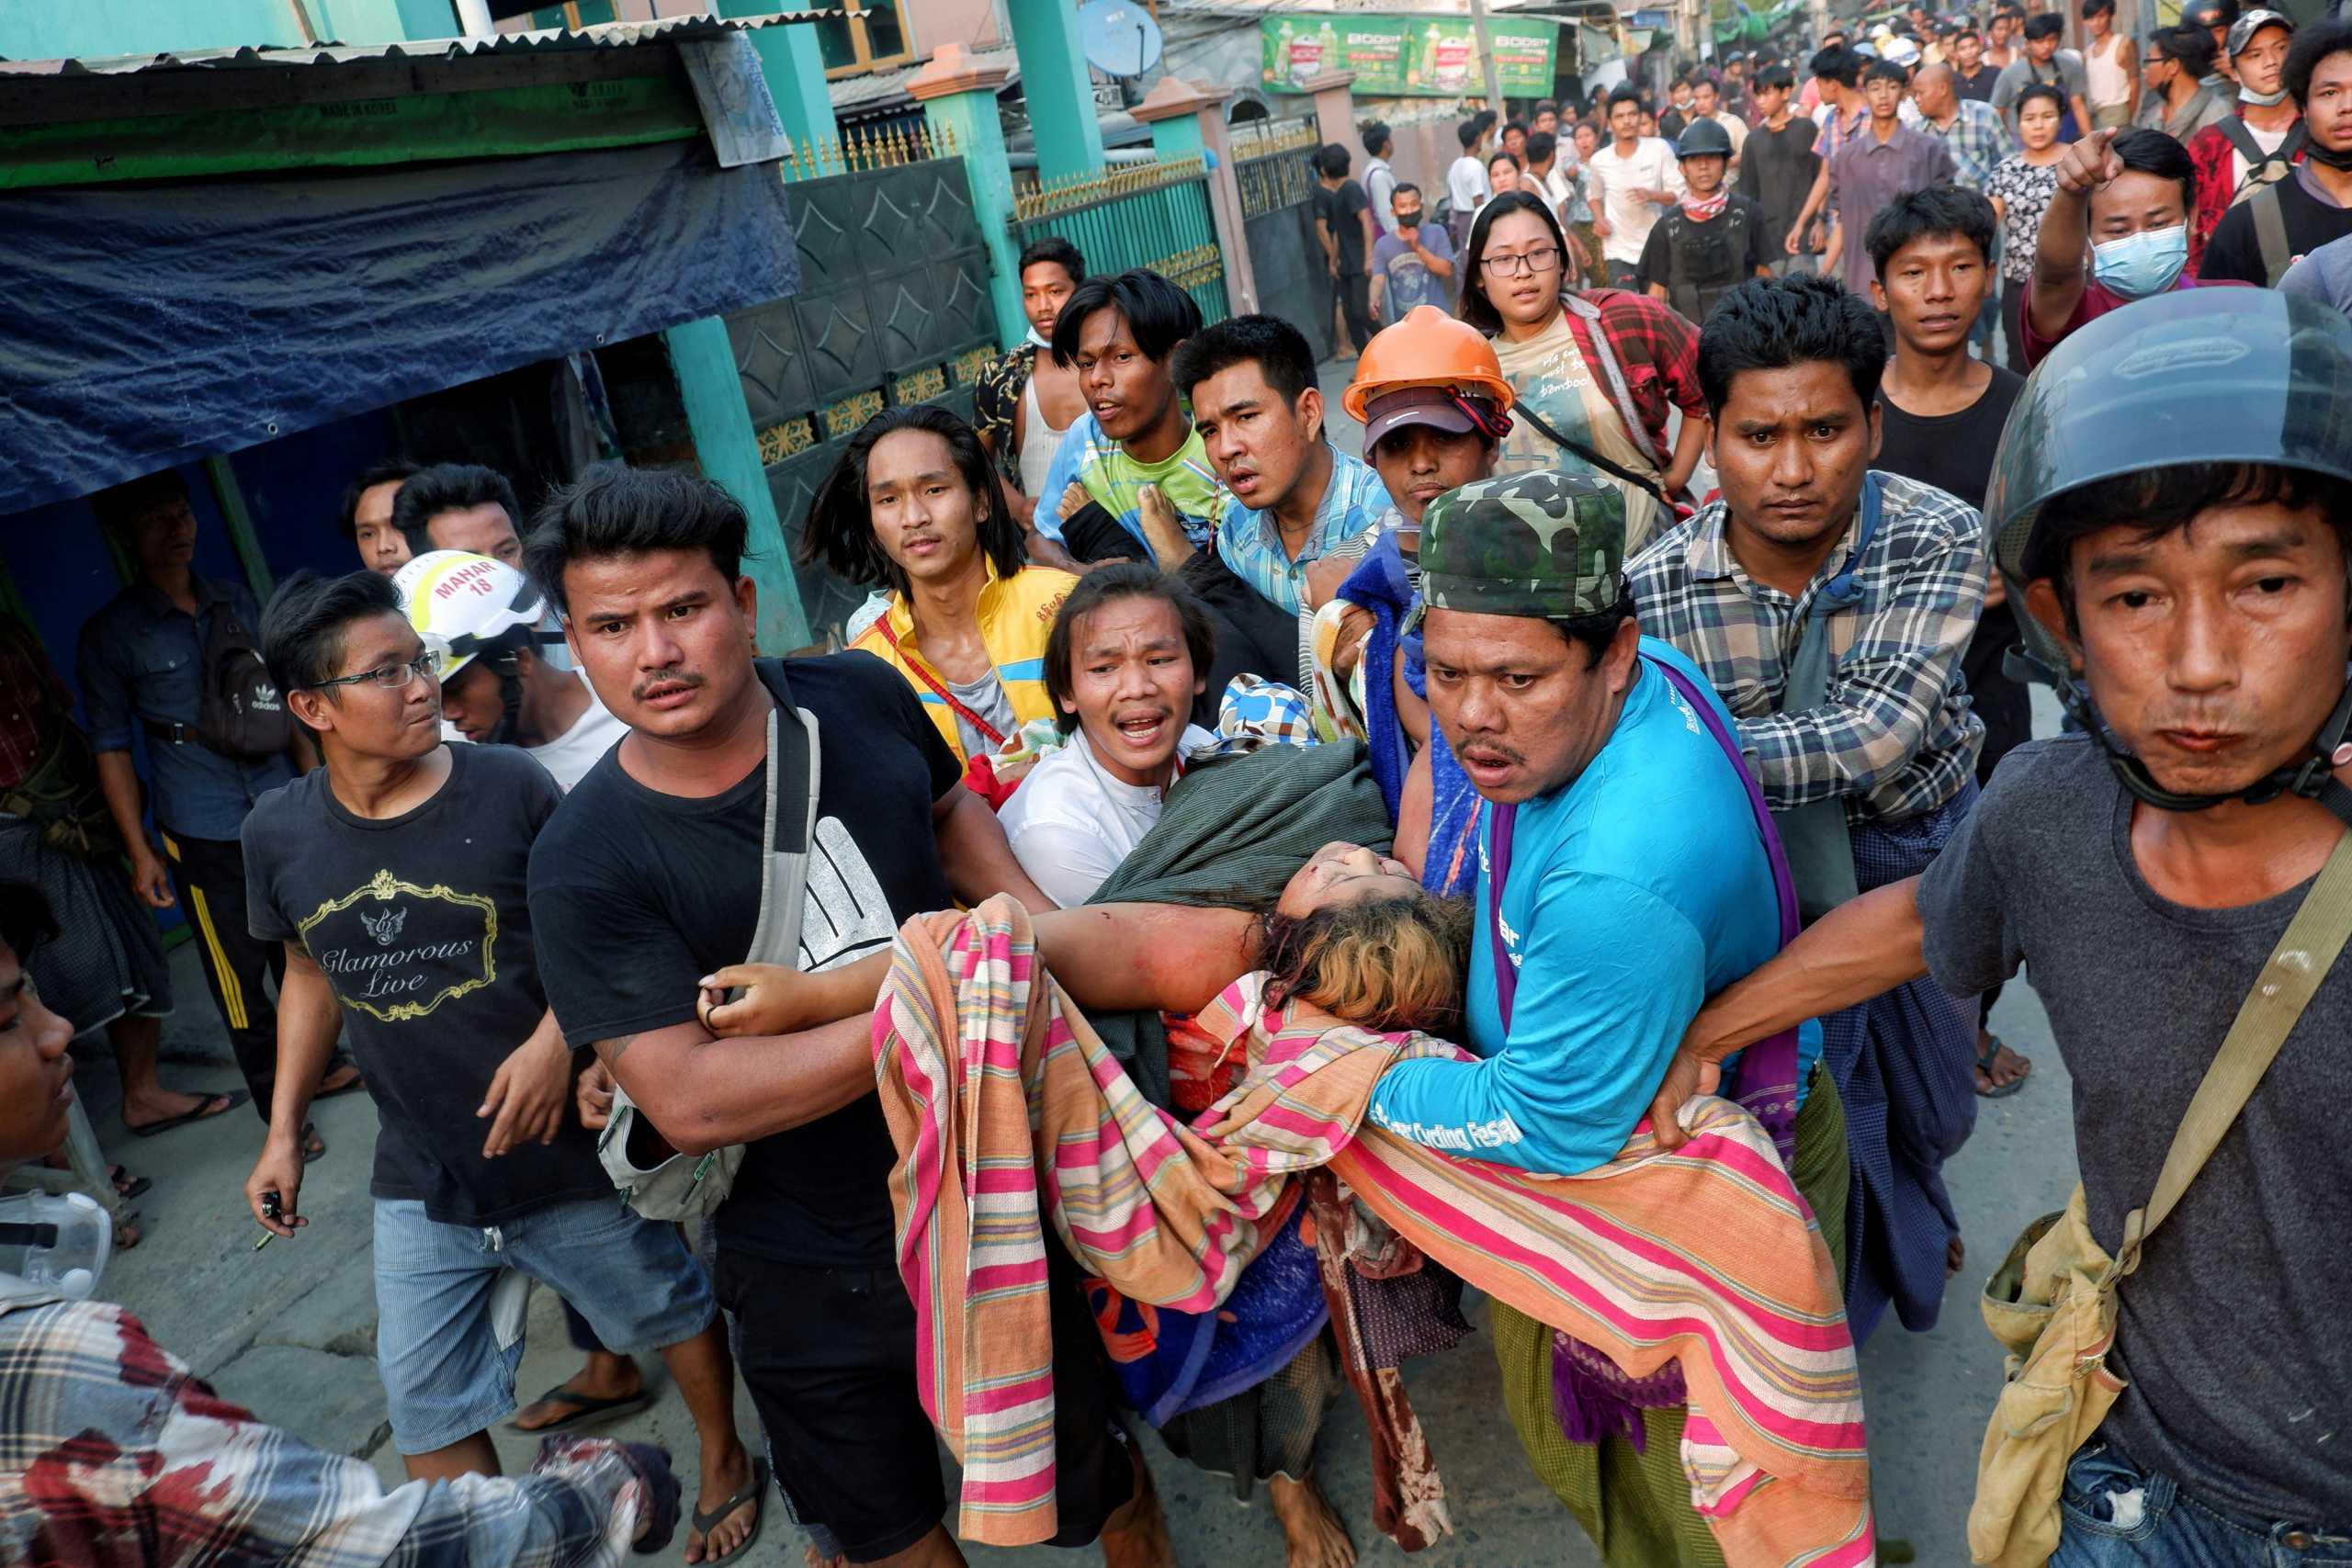 Πραξικόπημα Μιανμάρ: Ερευνητές του ΟΗΕ ψάχνουν αποδεικτικά στοιχεία για εγκλήματα πολέμου